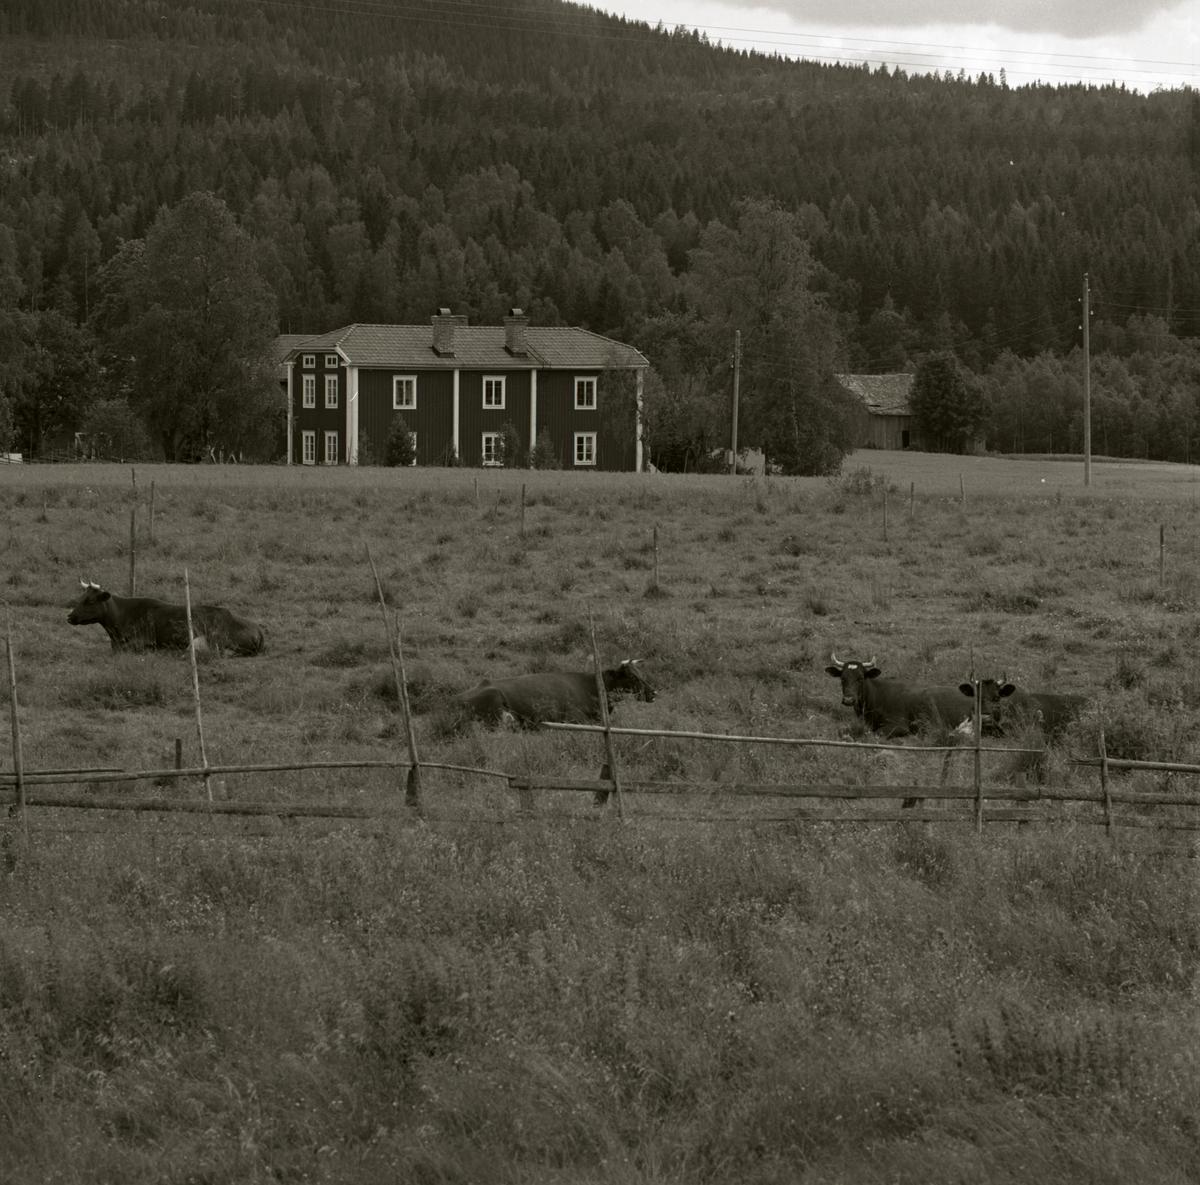 En flock kor ligger på en äng inhängnad av en gärdesgård, 1971. I bakgrunden syns gården Sunnanåker.